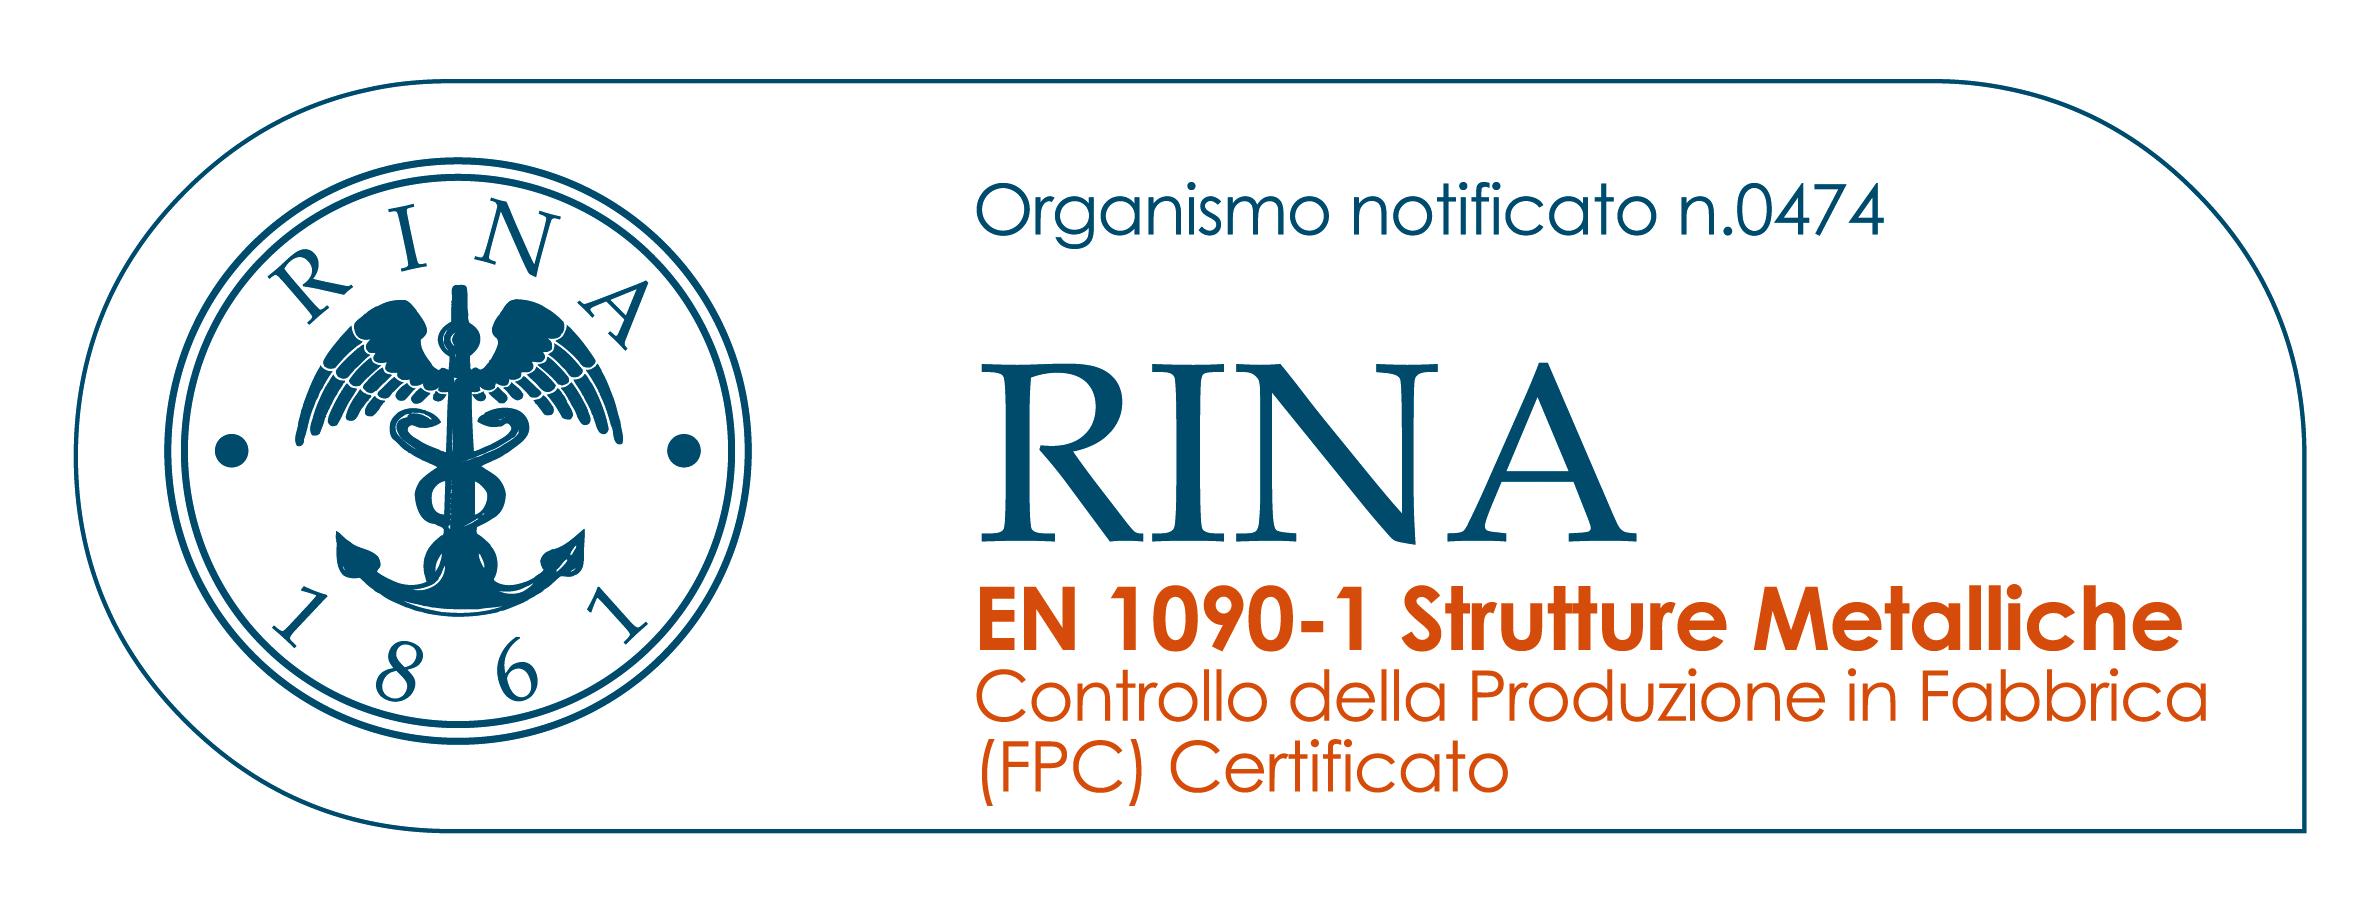 UNI-EN 1090-1